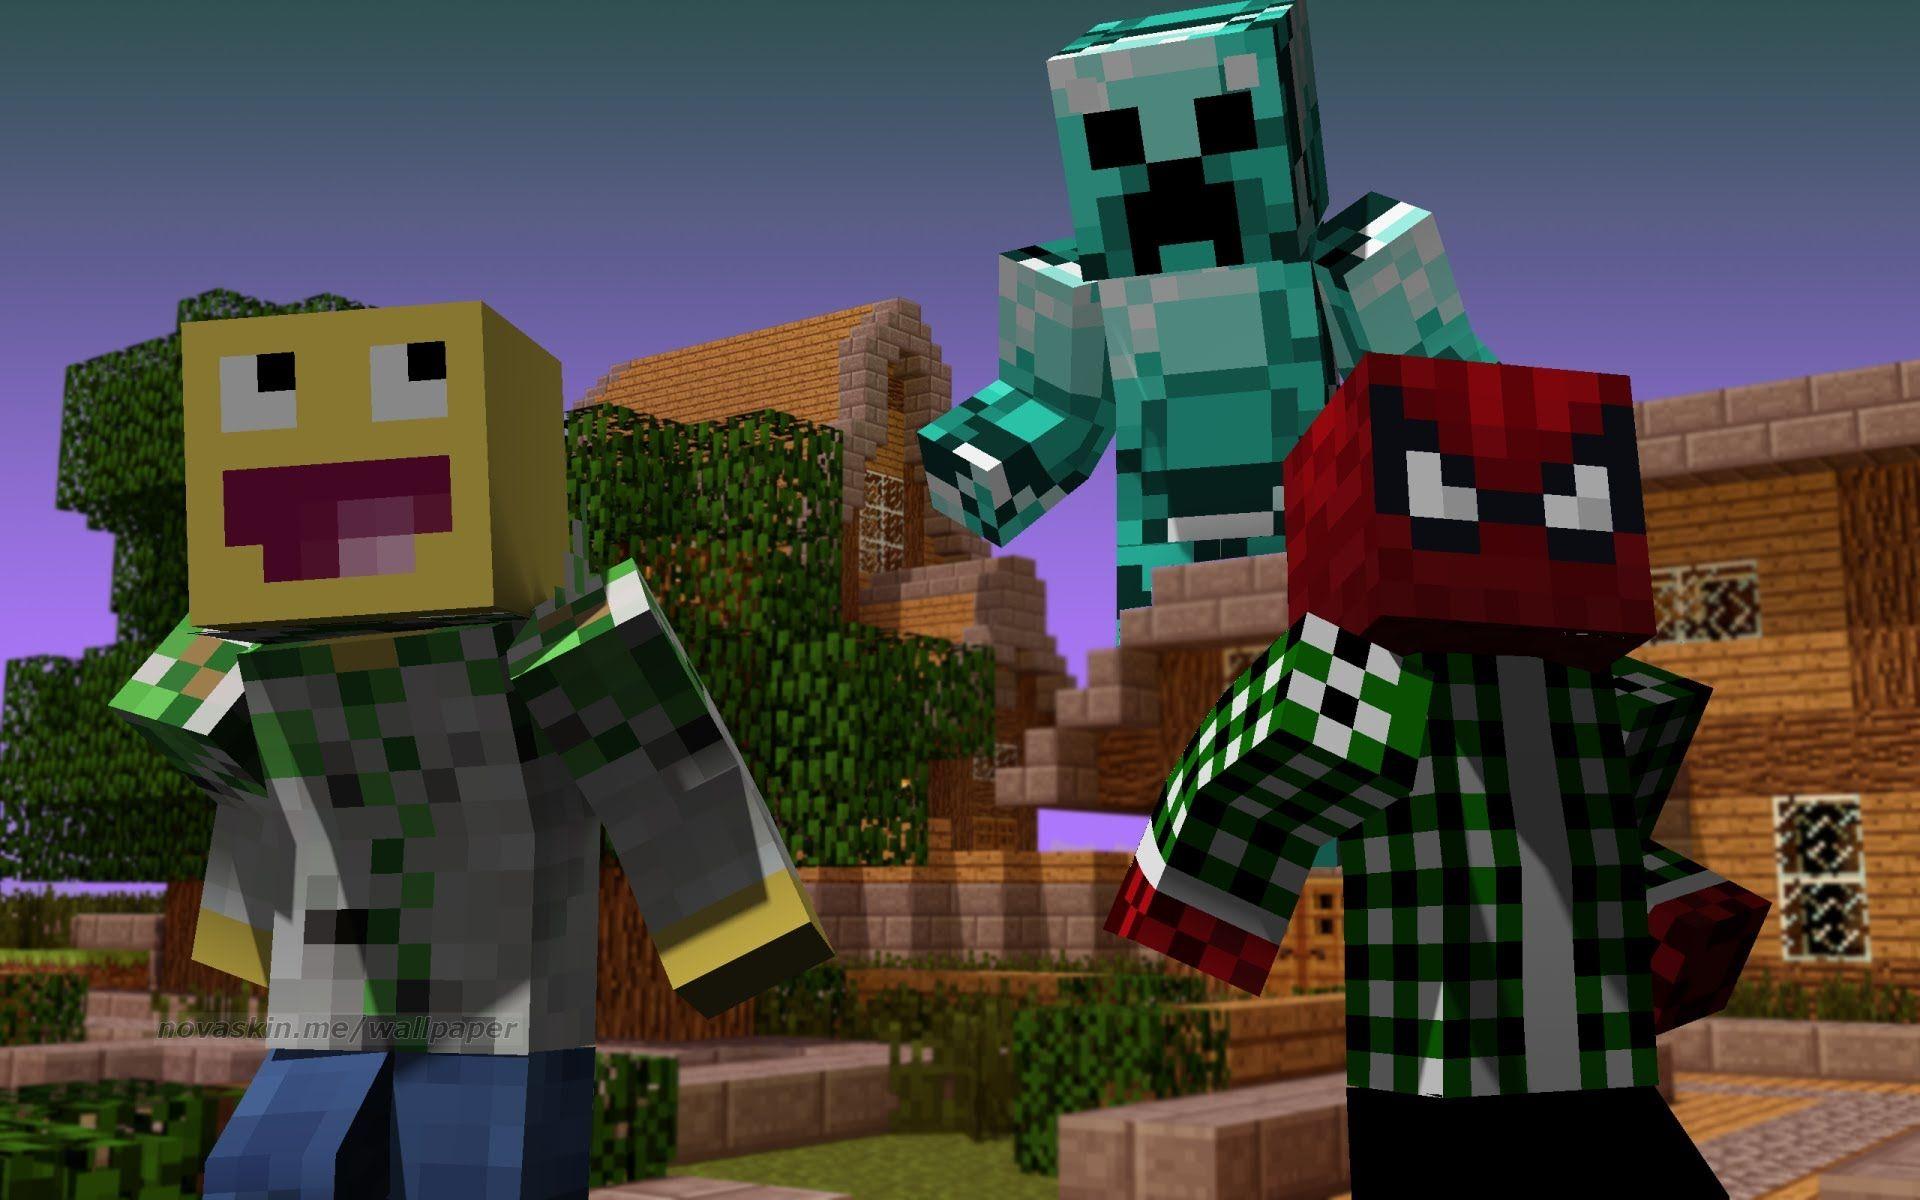 Download Wallpaper Minecraft Ios - 993450ea0bb9d9f1654e8b7542314d4d  Picture_22960.jpg